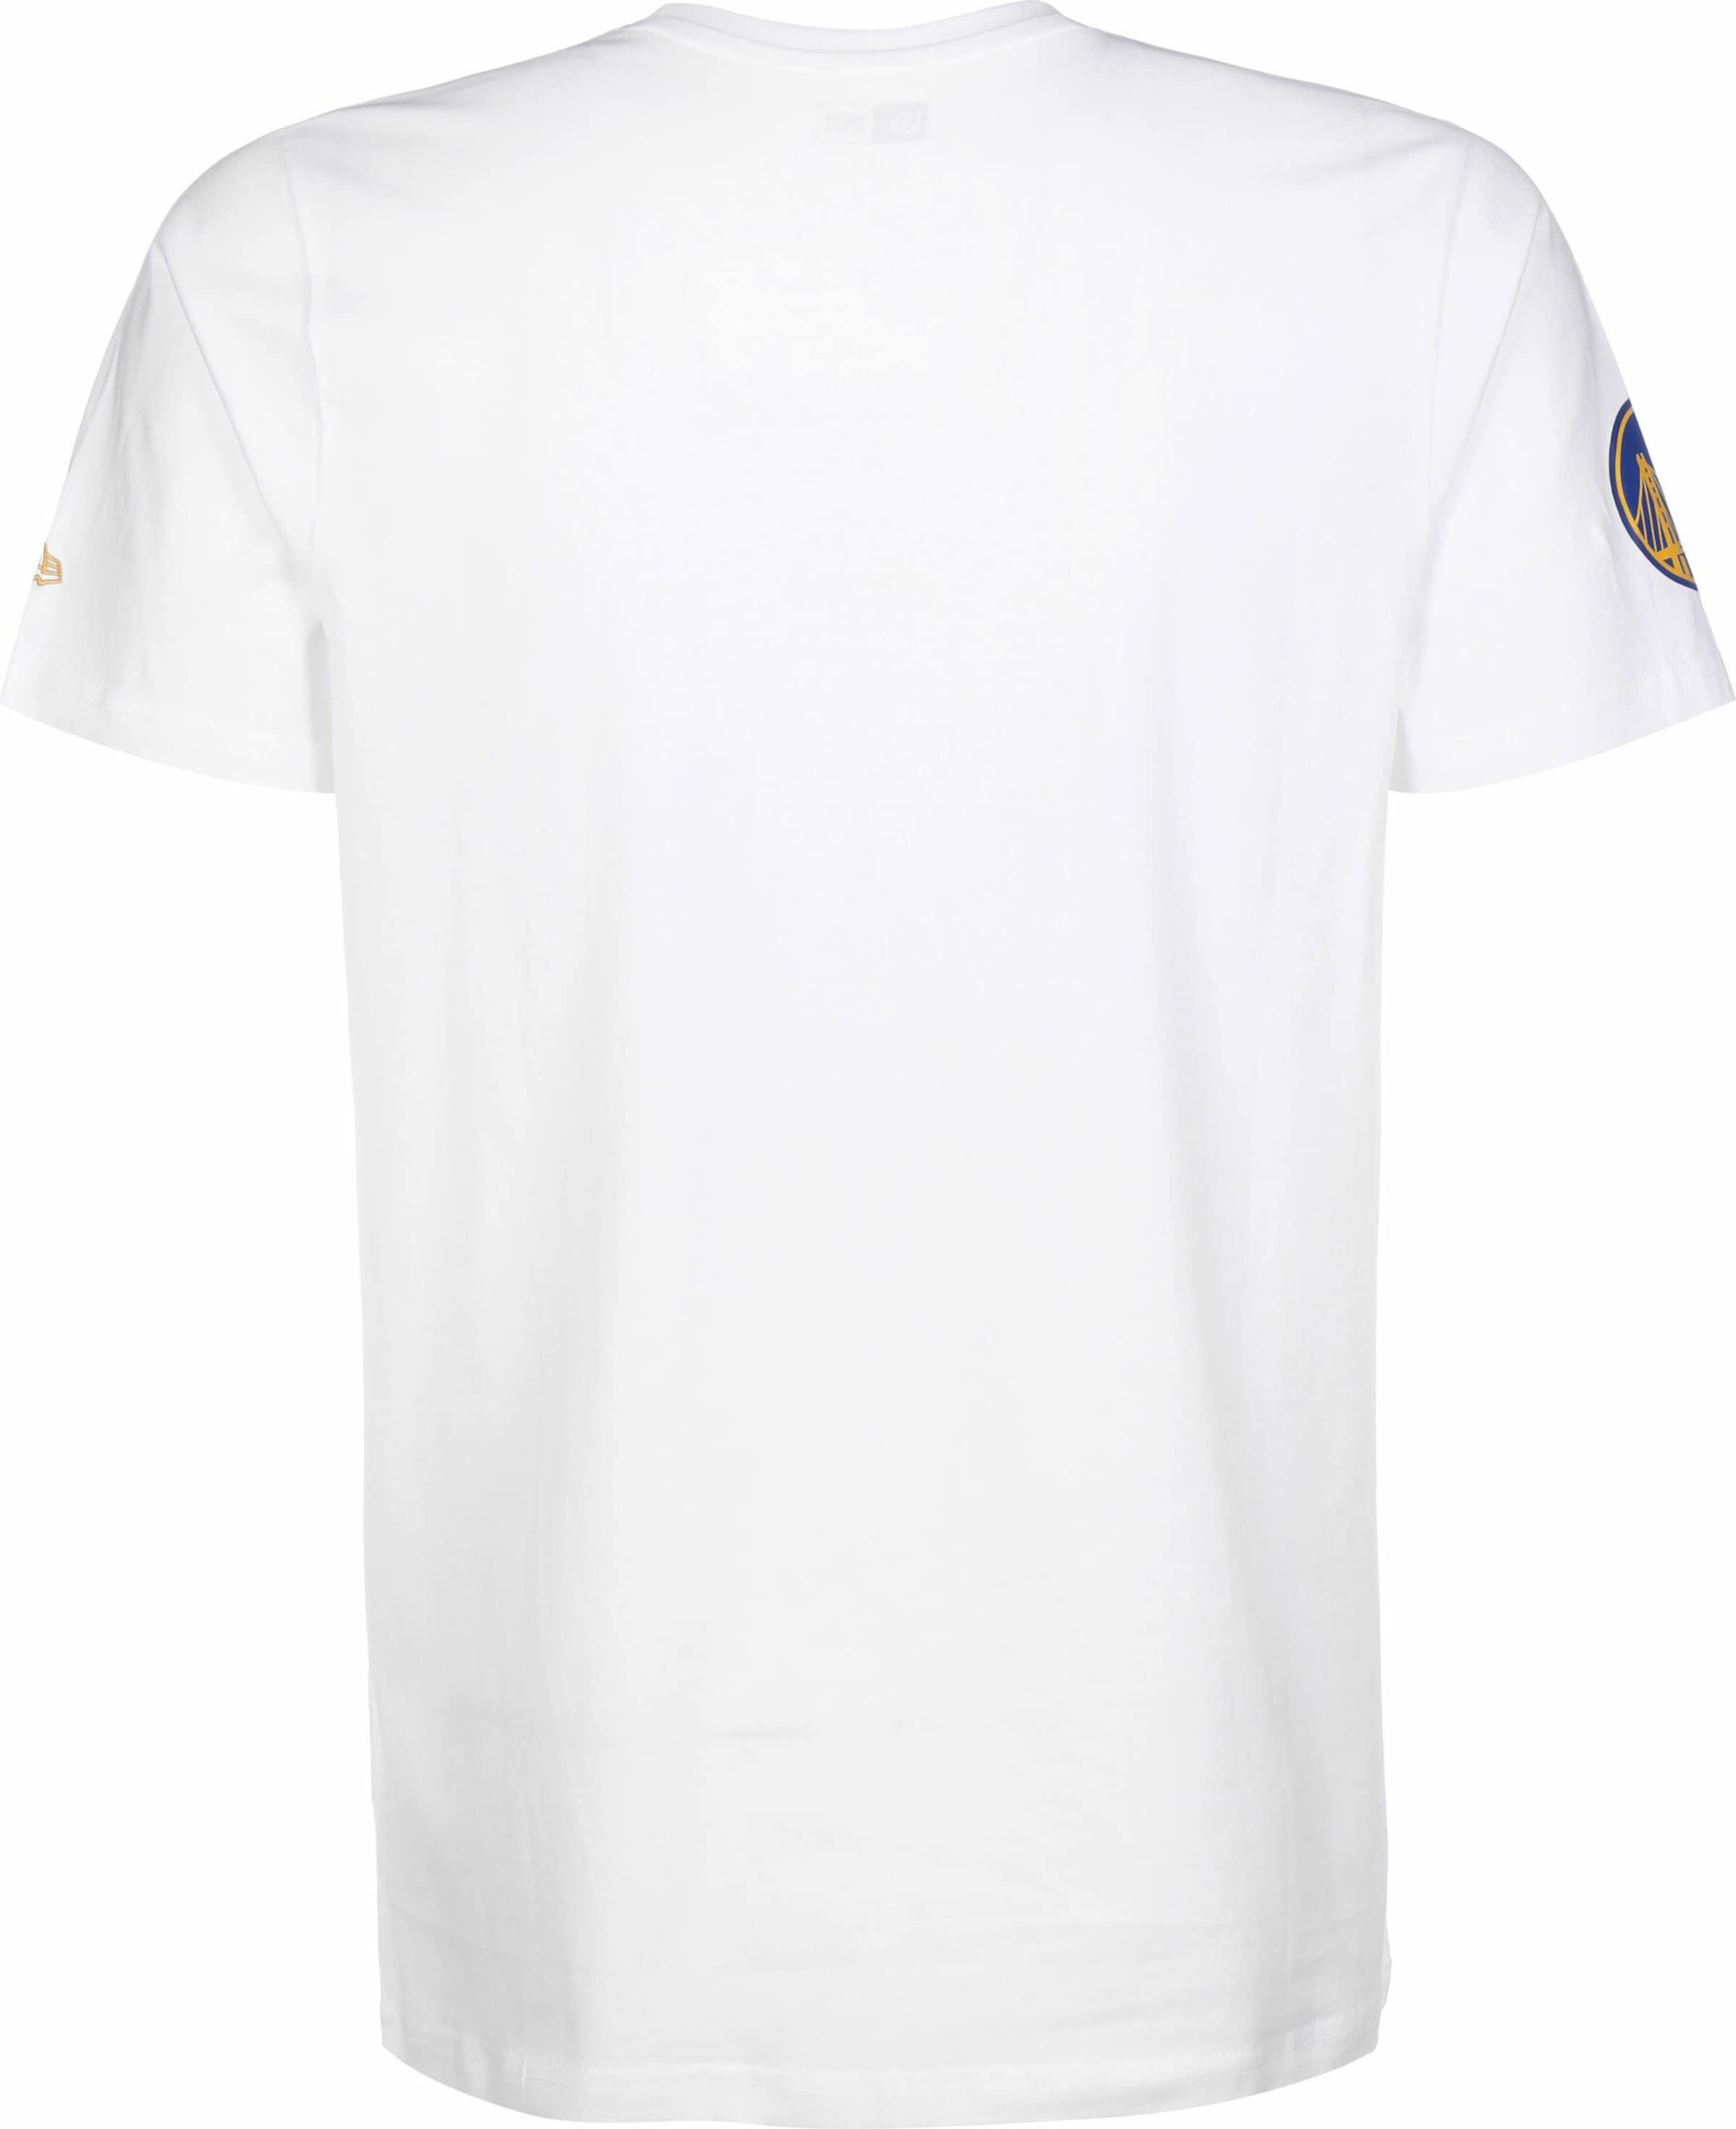 NEW ERA T-Shirt 'NBA Gradient Wordmark Golden State Warriors' in mischfarben / weiß Baumwolle KT75542012